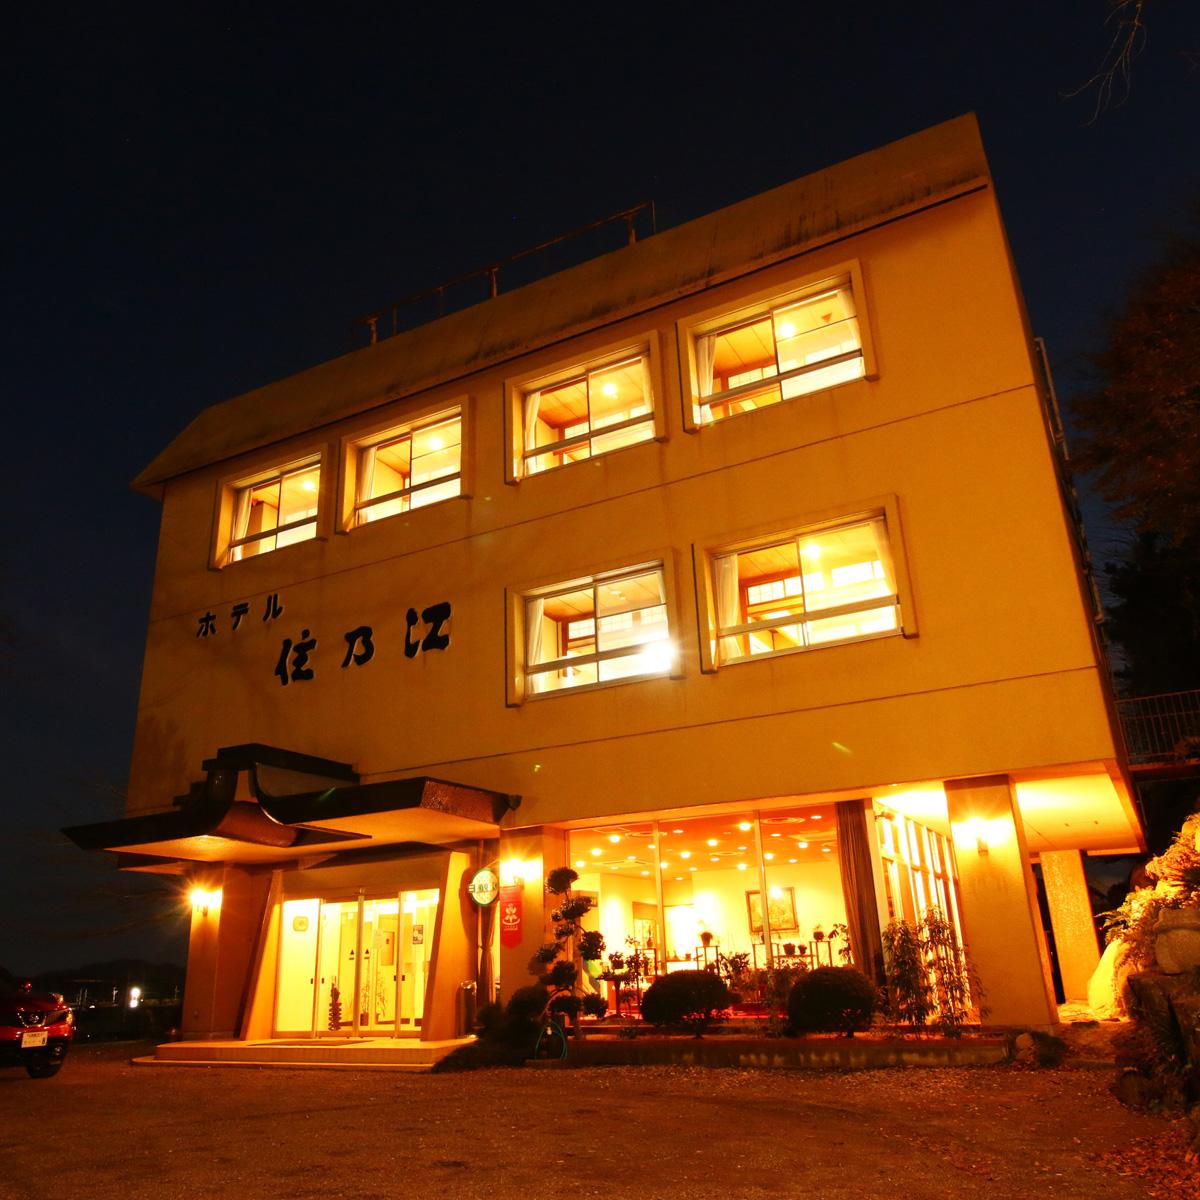 いわき湯本温泉 桜と欅の宿 住乃江